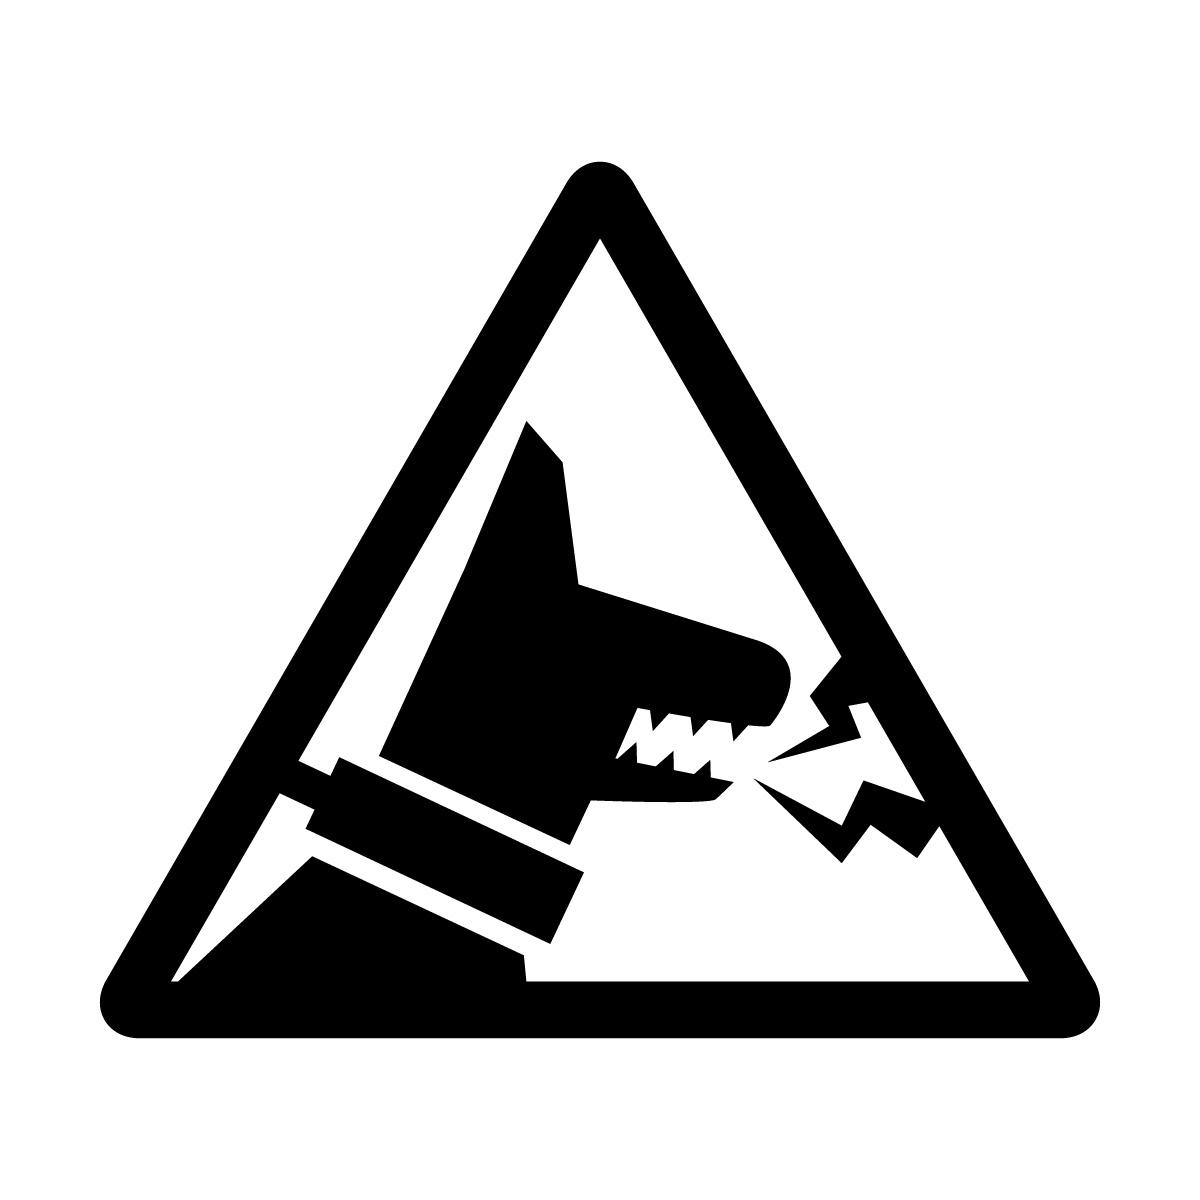 黒色の猛犬 犬 吠える 噛みつき 注意 防犯 シール ステッカー カッティングステッカー